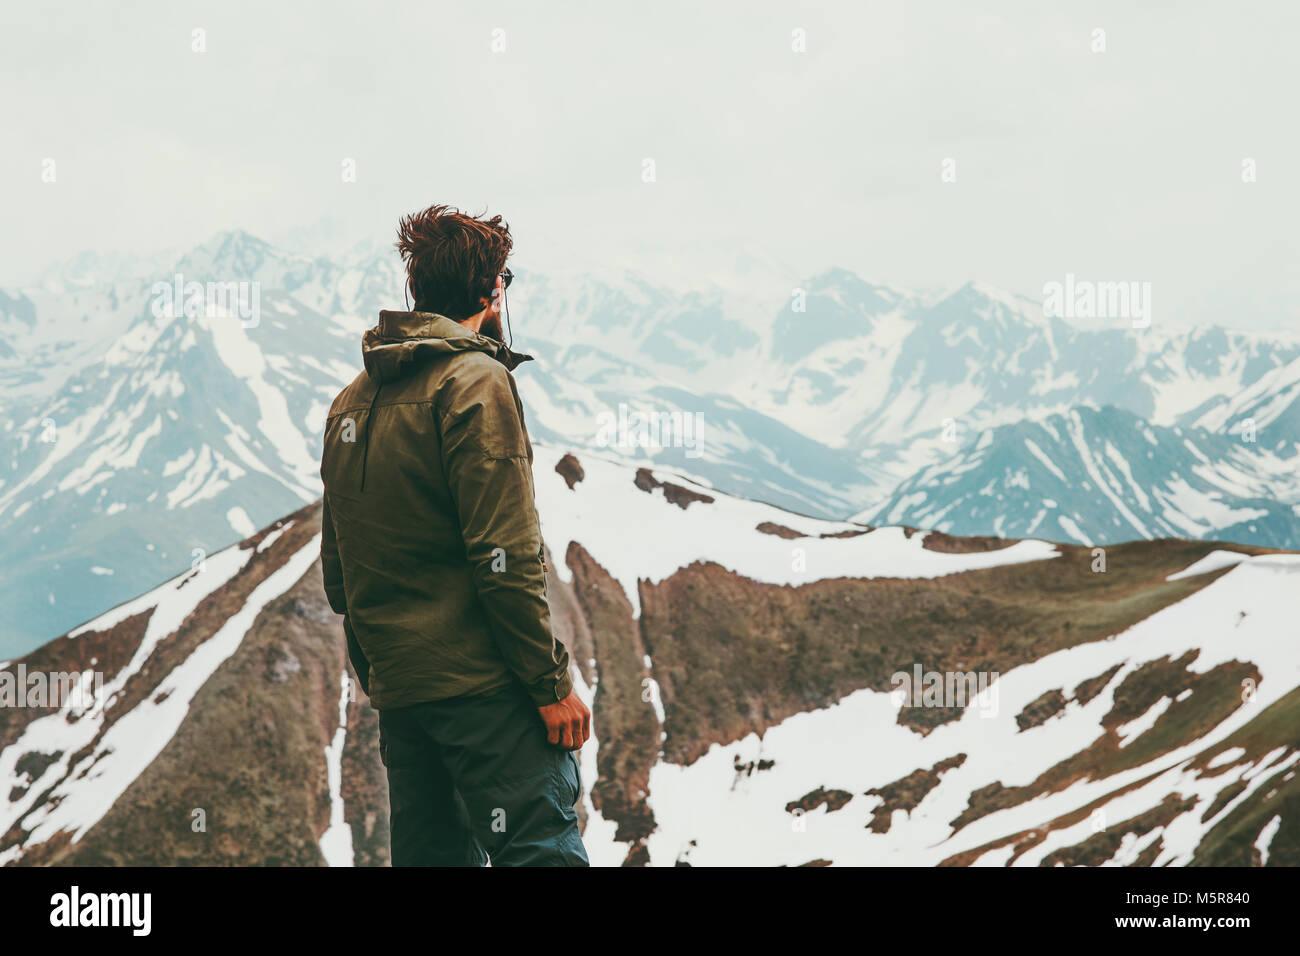 El hombre solo viajero errante paisaje de las montañas de Viajes Aventura concepto de estilo de vida al aire Imagen De Stock